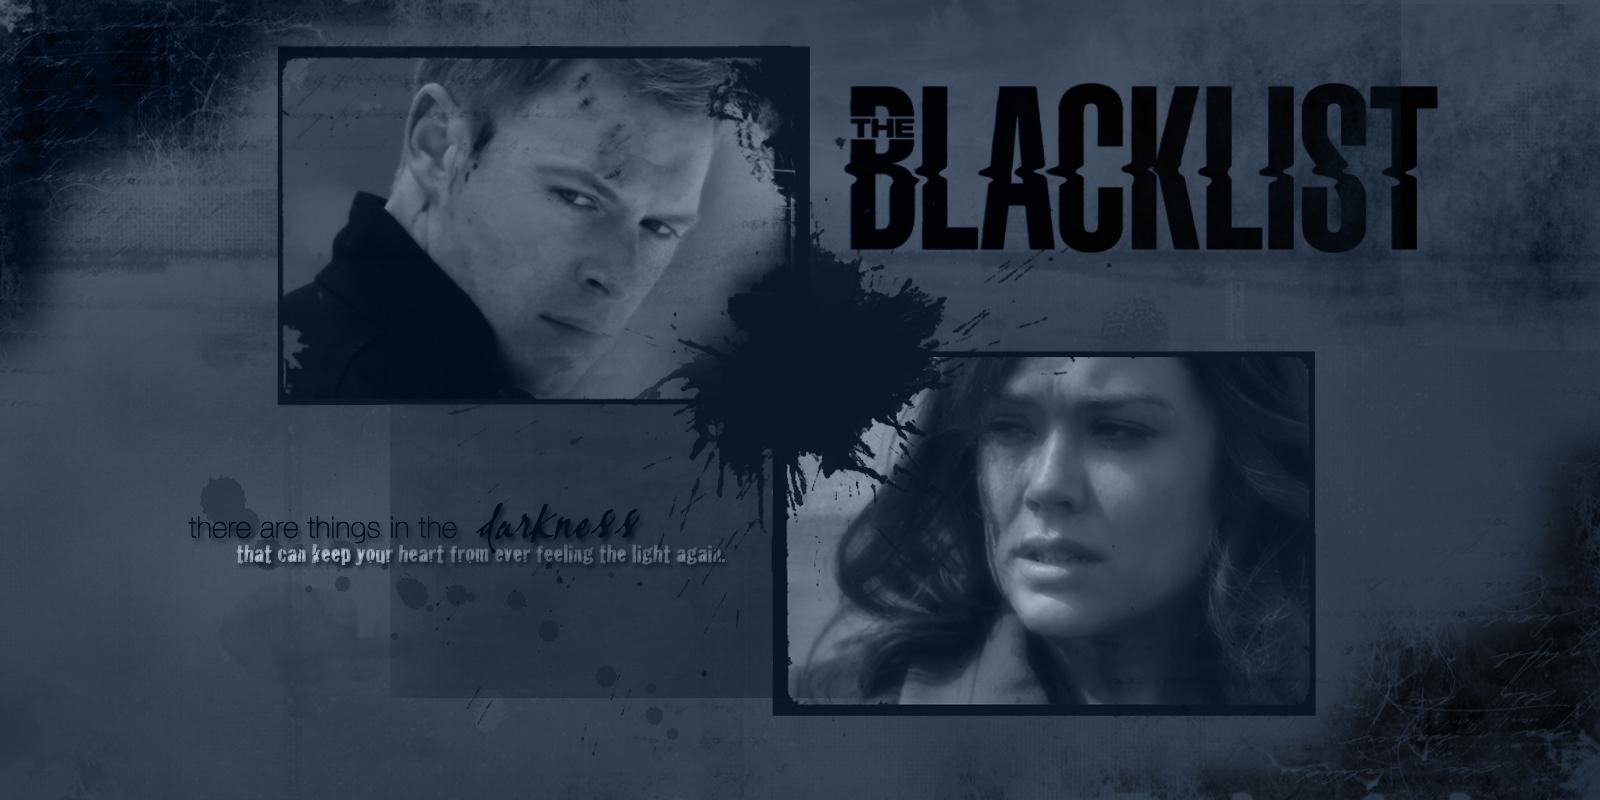 realtime blacklist